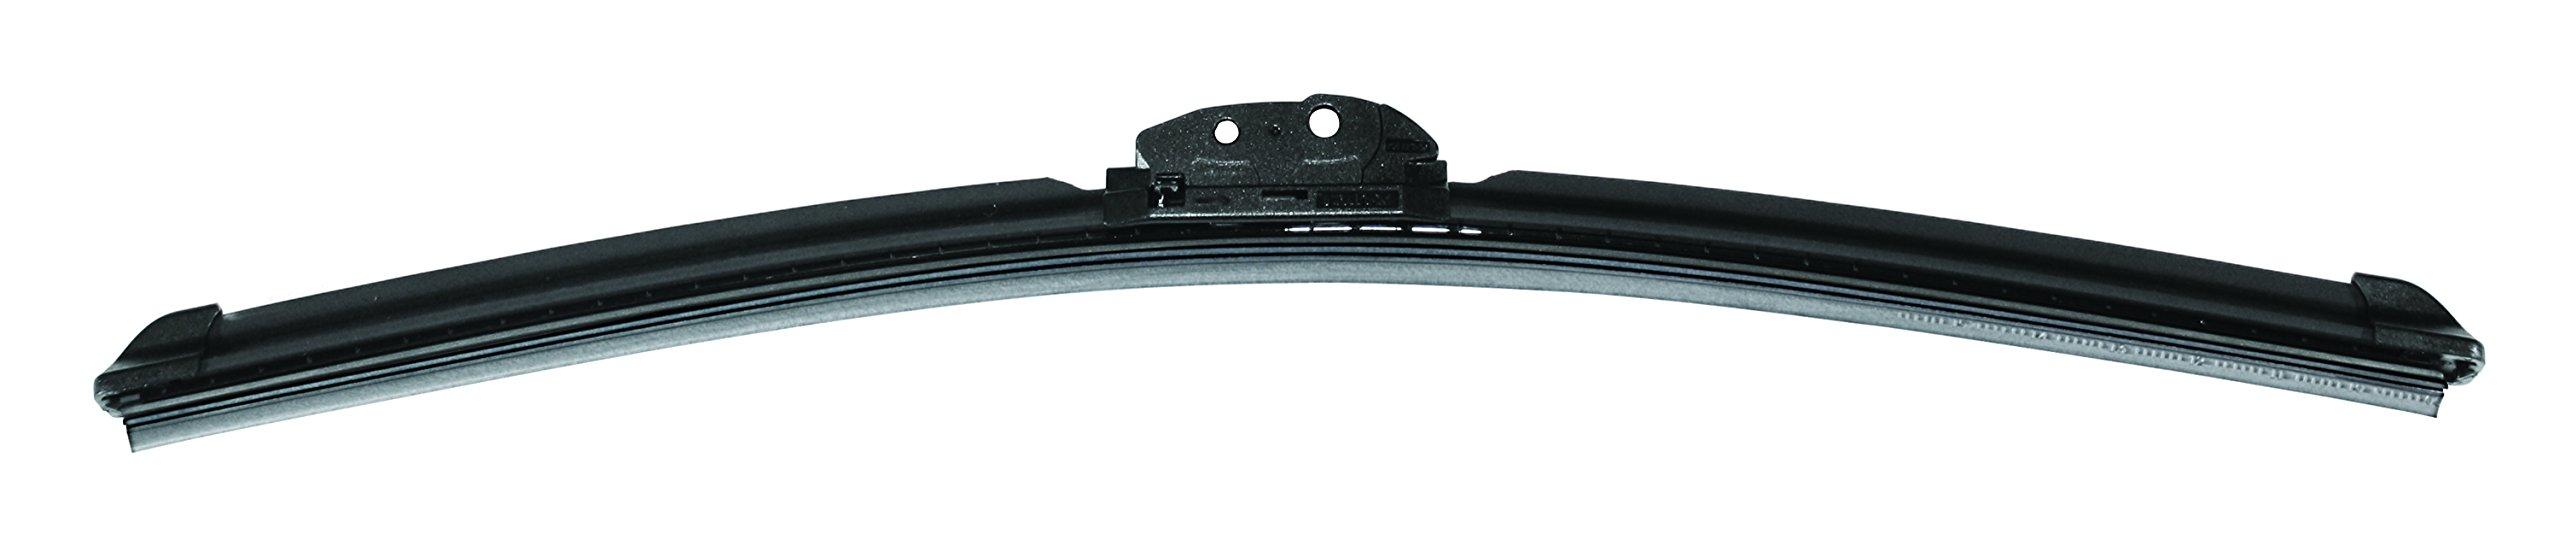 Rain-X 5079279-1-5PK Latitude Wiper Blade - 22'' (Pack of 5)